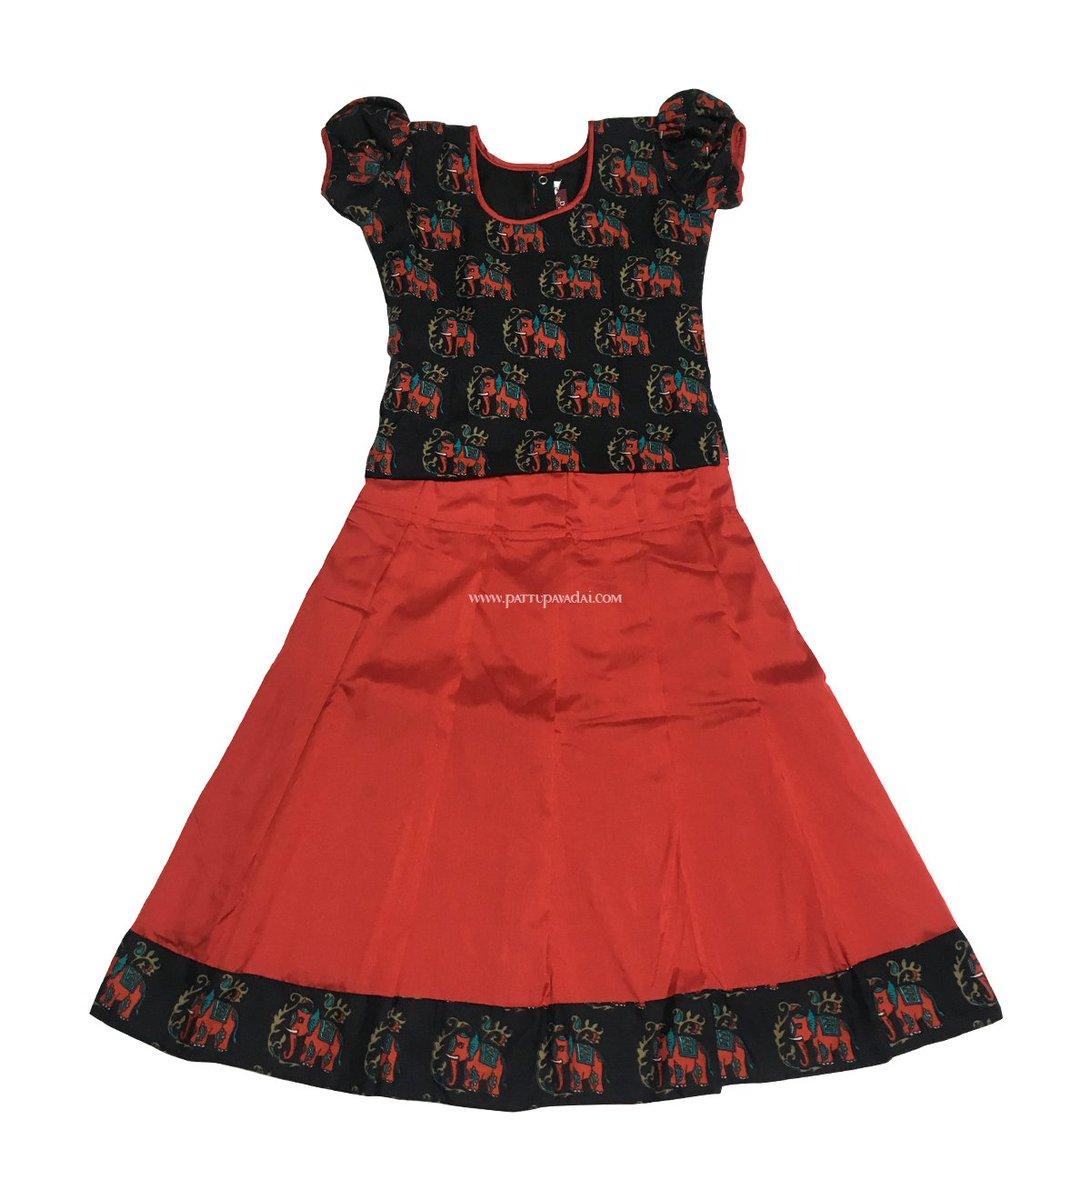 e3fe68e745 Click here to ADD TO BAG: http://bit.ly/2tgdi01 #rawsilkpavadai # pattupavadai #traditionalclothing #indianwear  #kidswearpic.twitter.com/XbPU9NkkgQ